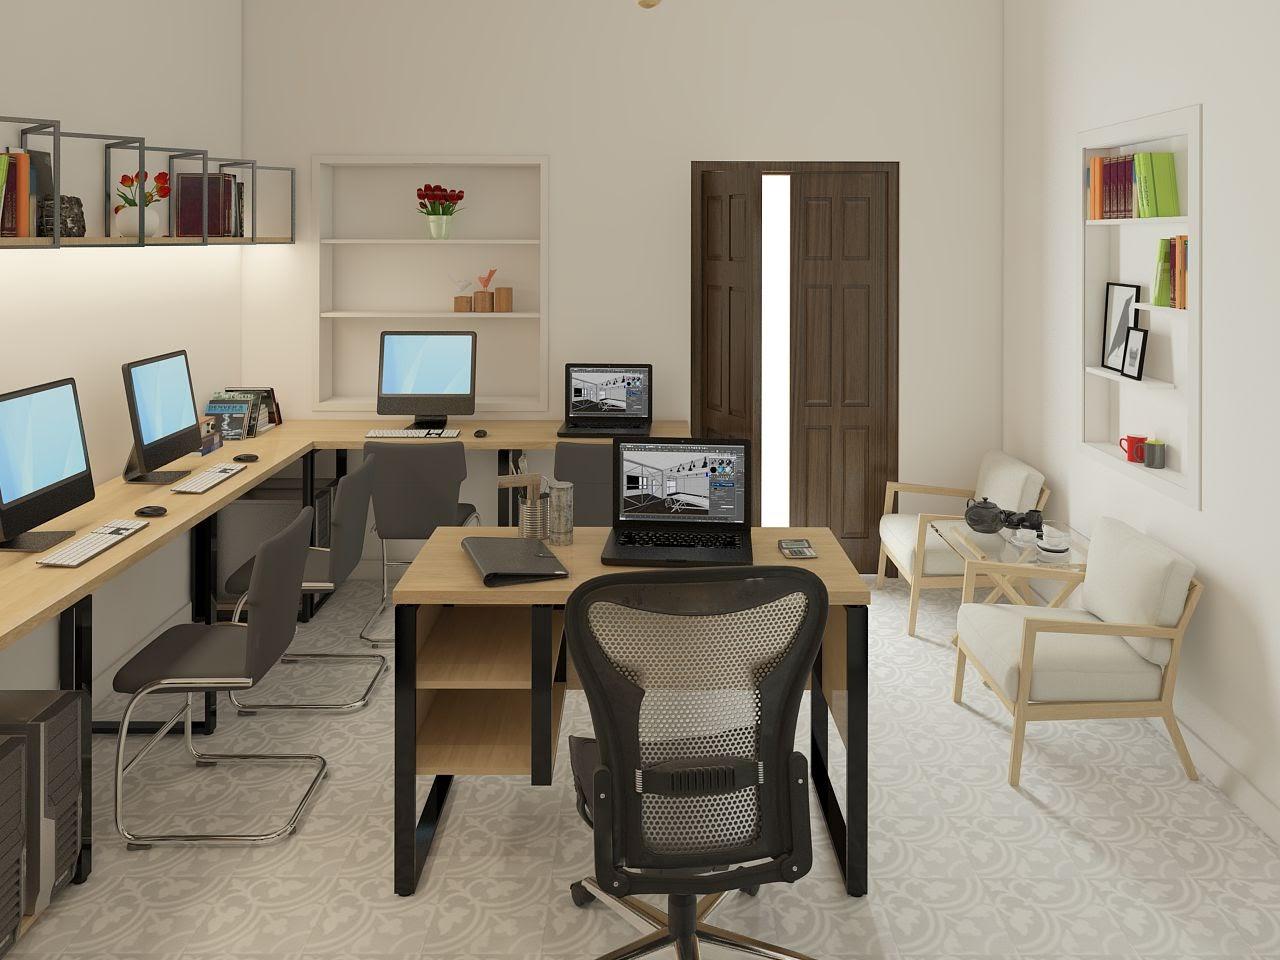 thiết kế văn phòng công ty đẹp nhẹ nhàng